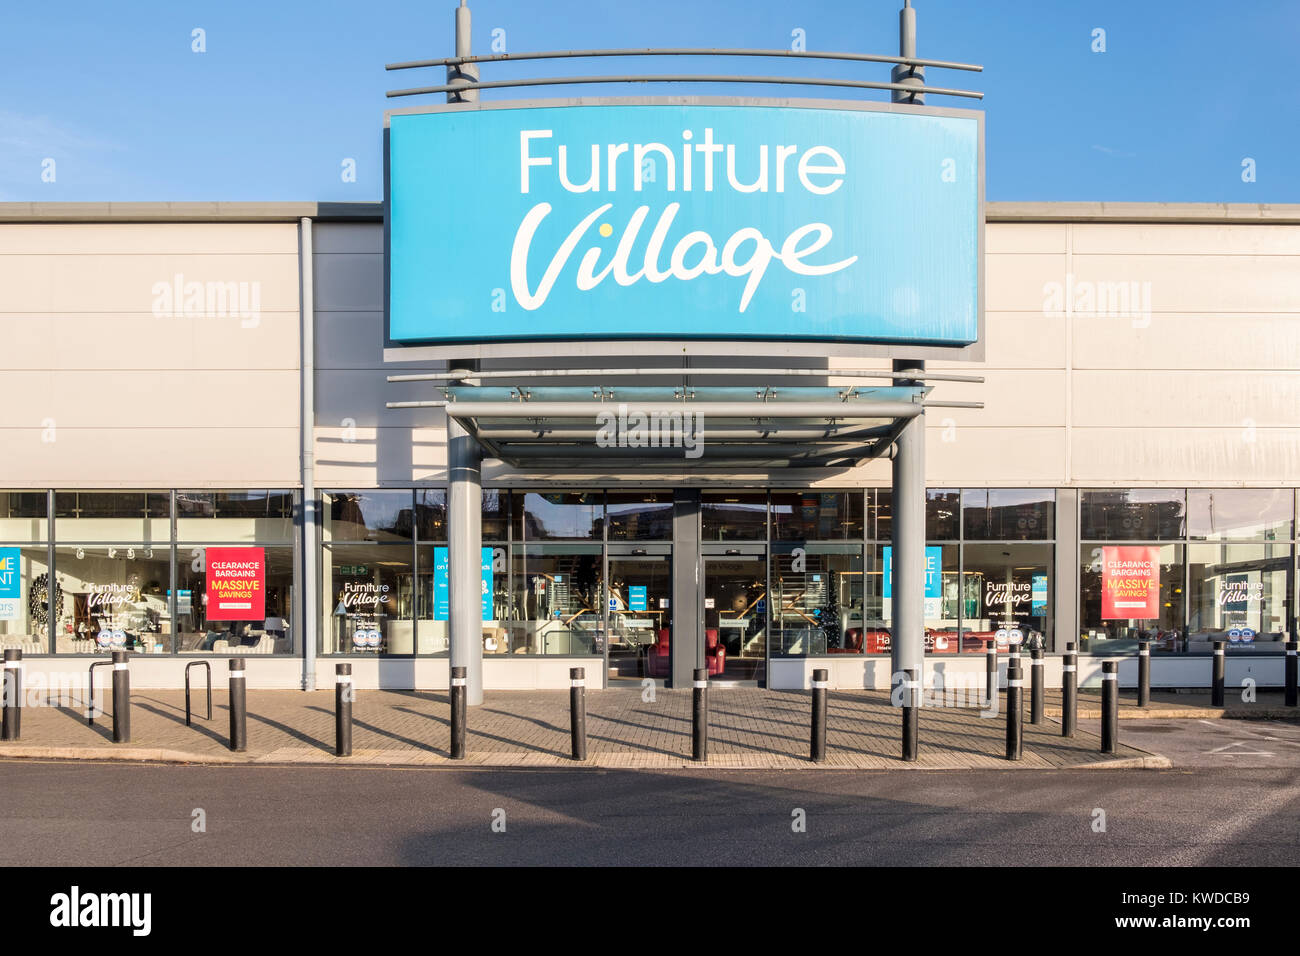 Arredamento negozio di paese ingresso, Reading, Berkshire, Inghilterra, GB, Regno Unito Immagini Stock